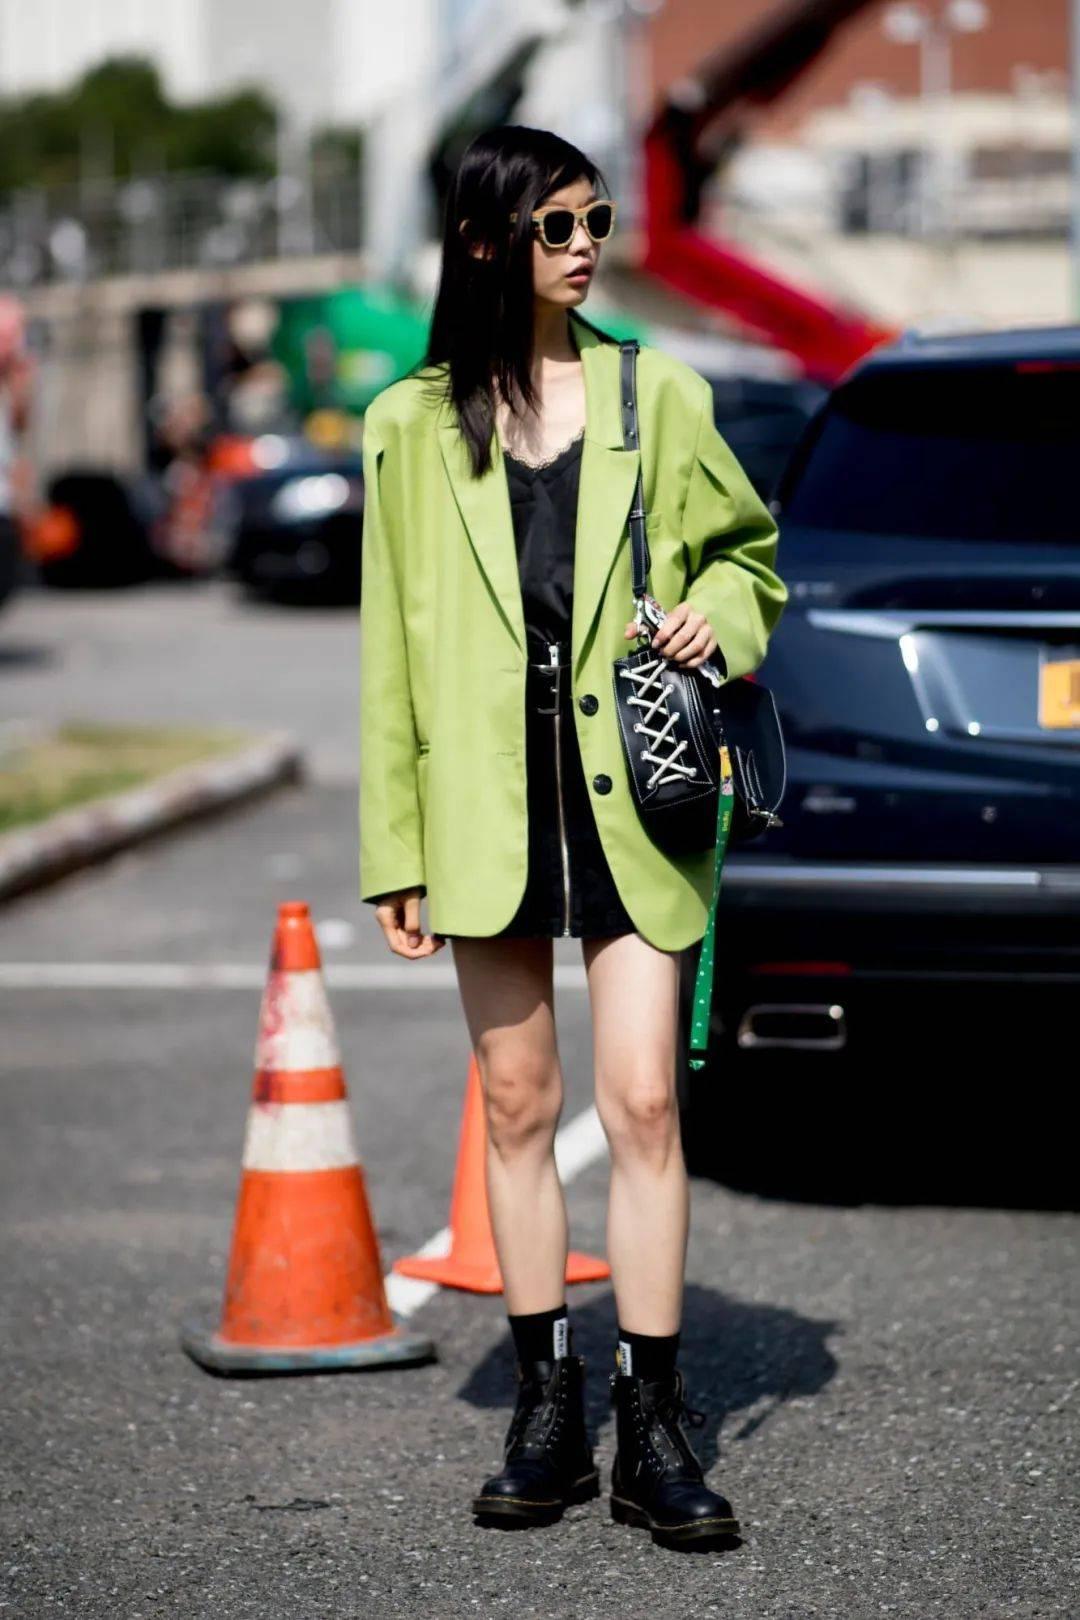 马丁靴+裙子,马丁靴+工装裤……又酷又撩,时髦炸了!     第69张